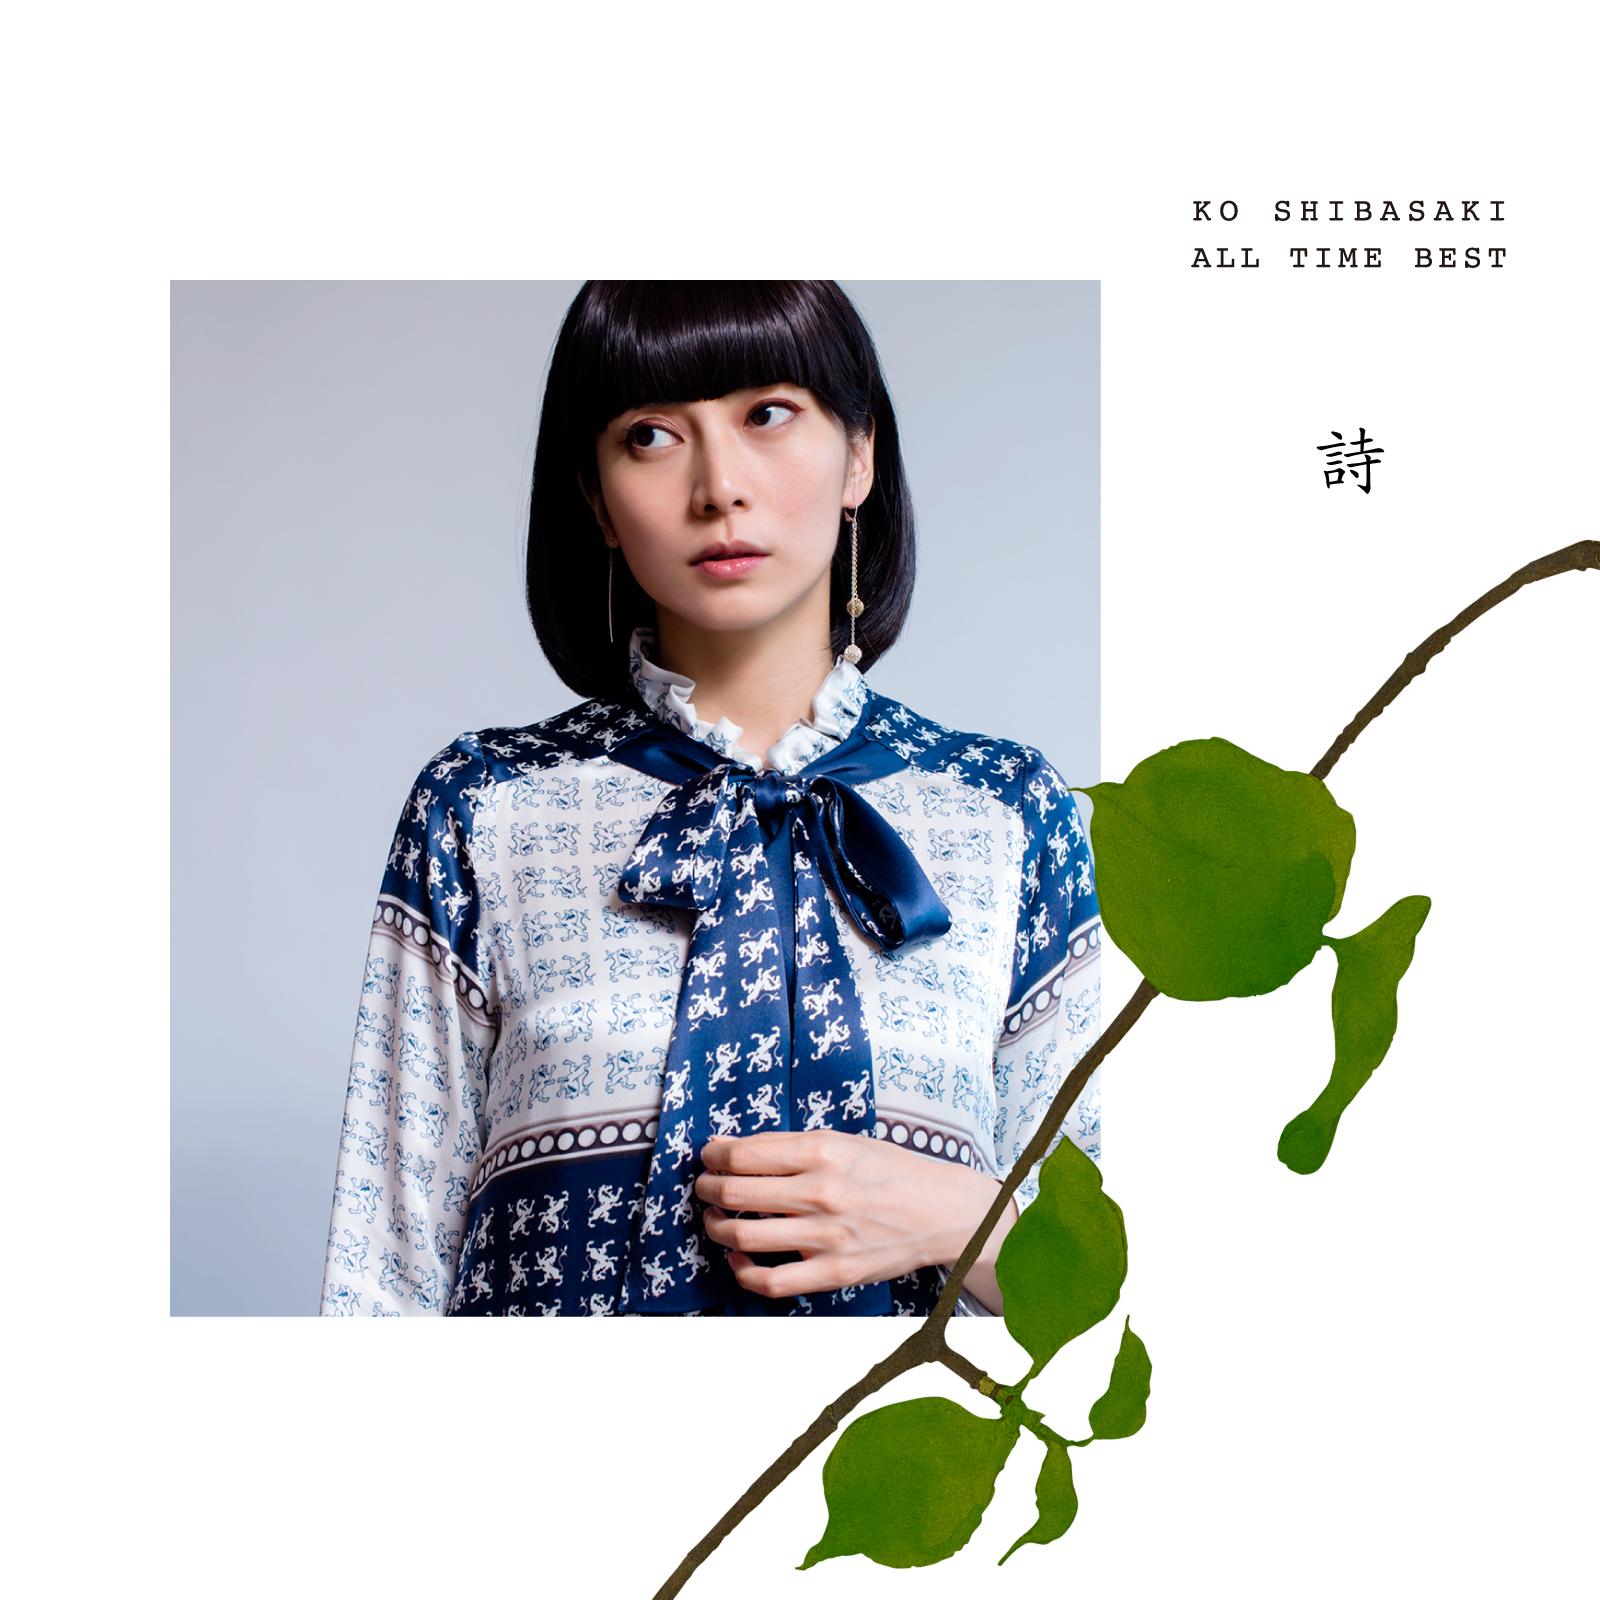 柴咲コウ、新曲「いざよい」も聴けるオールタイムベストティーザー動画公開サムネイル画像